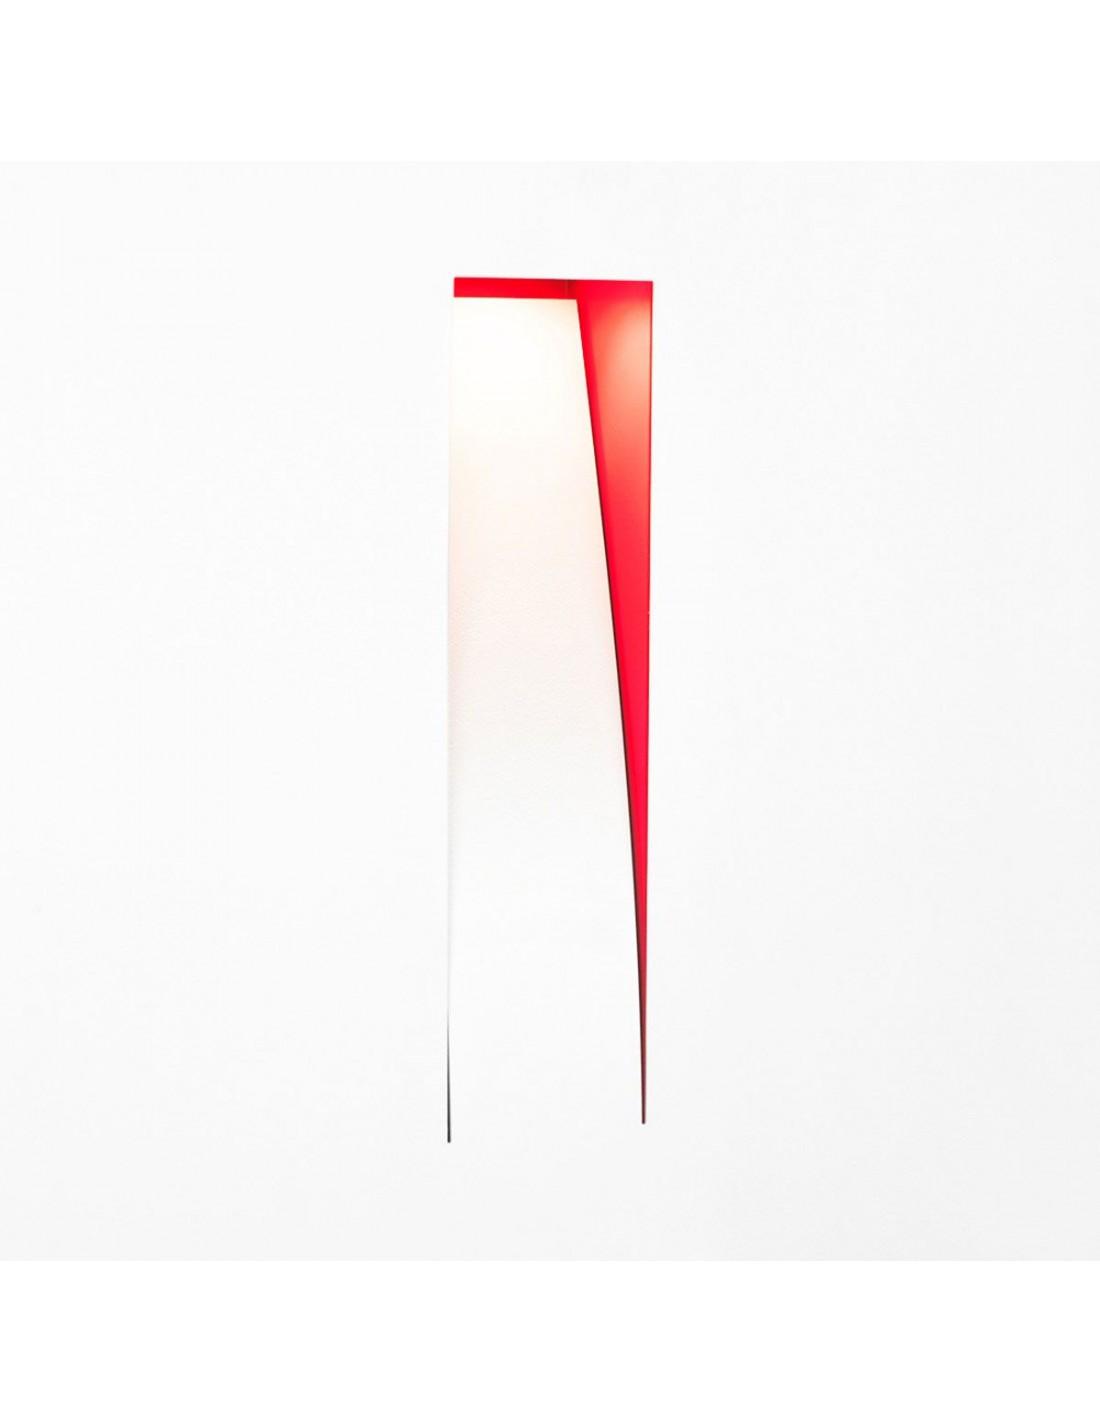 Applique murale Santiago blanche intérieur rouge création de la marque Kinetura